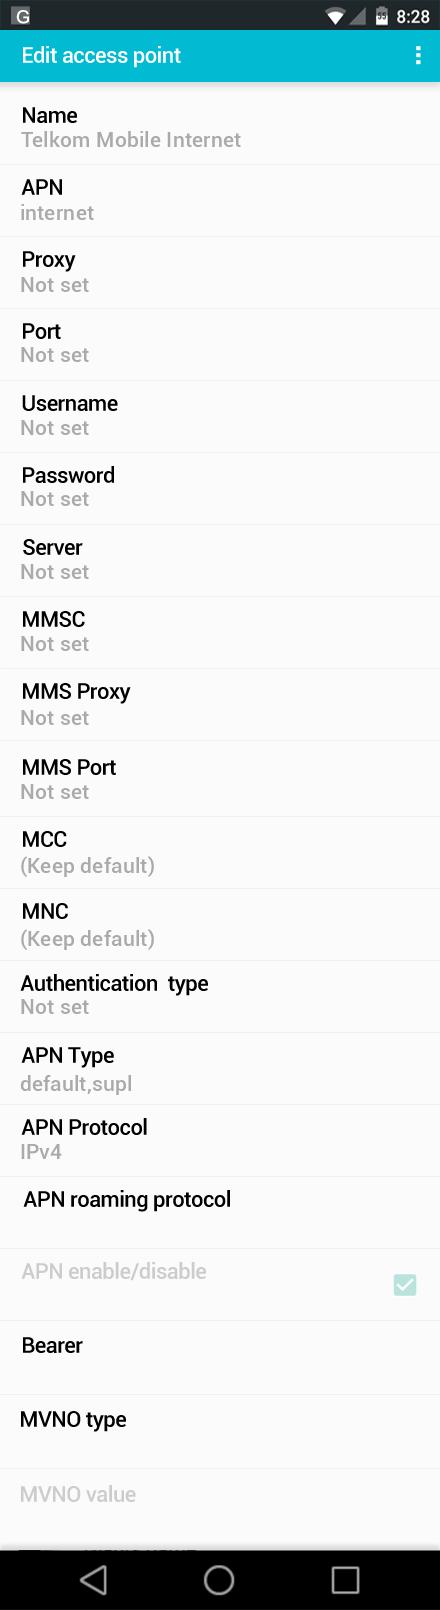 Telkom Mobile Internet APN settings for Android